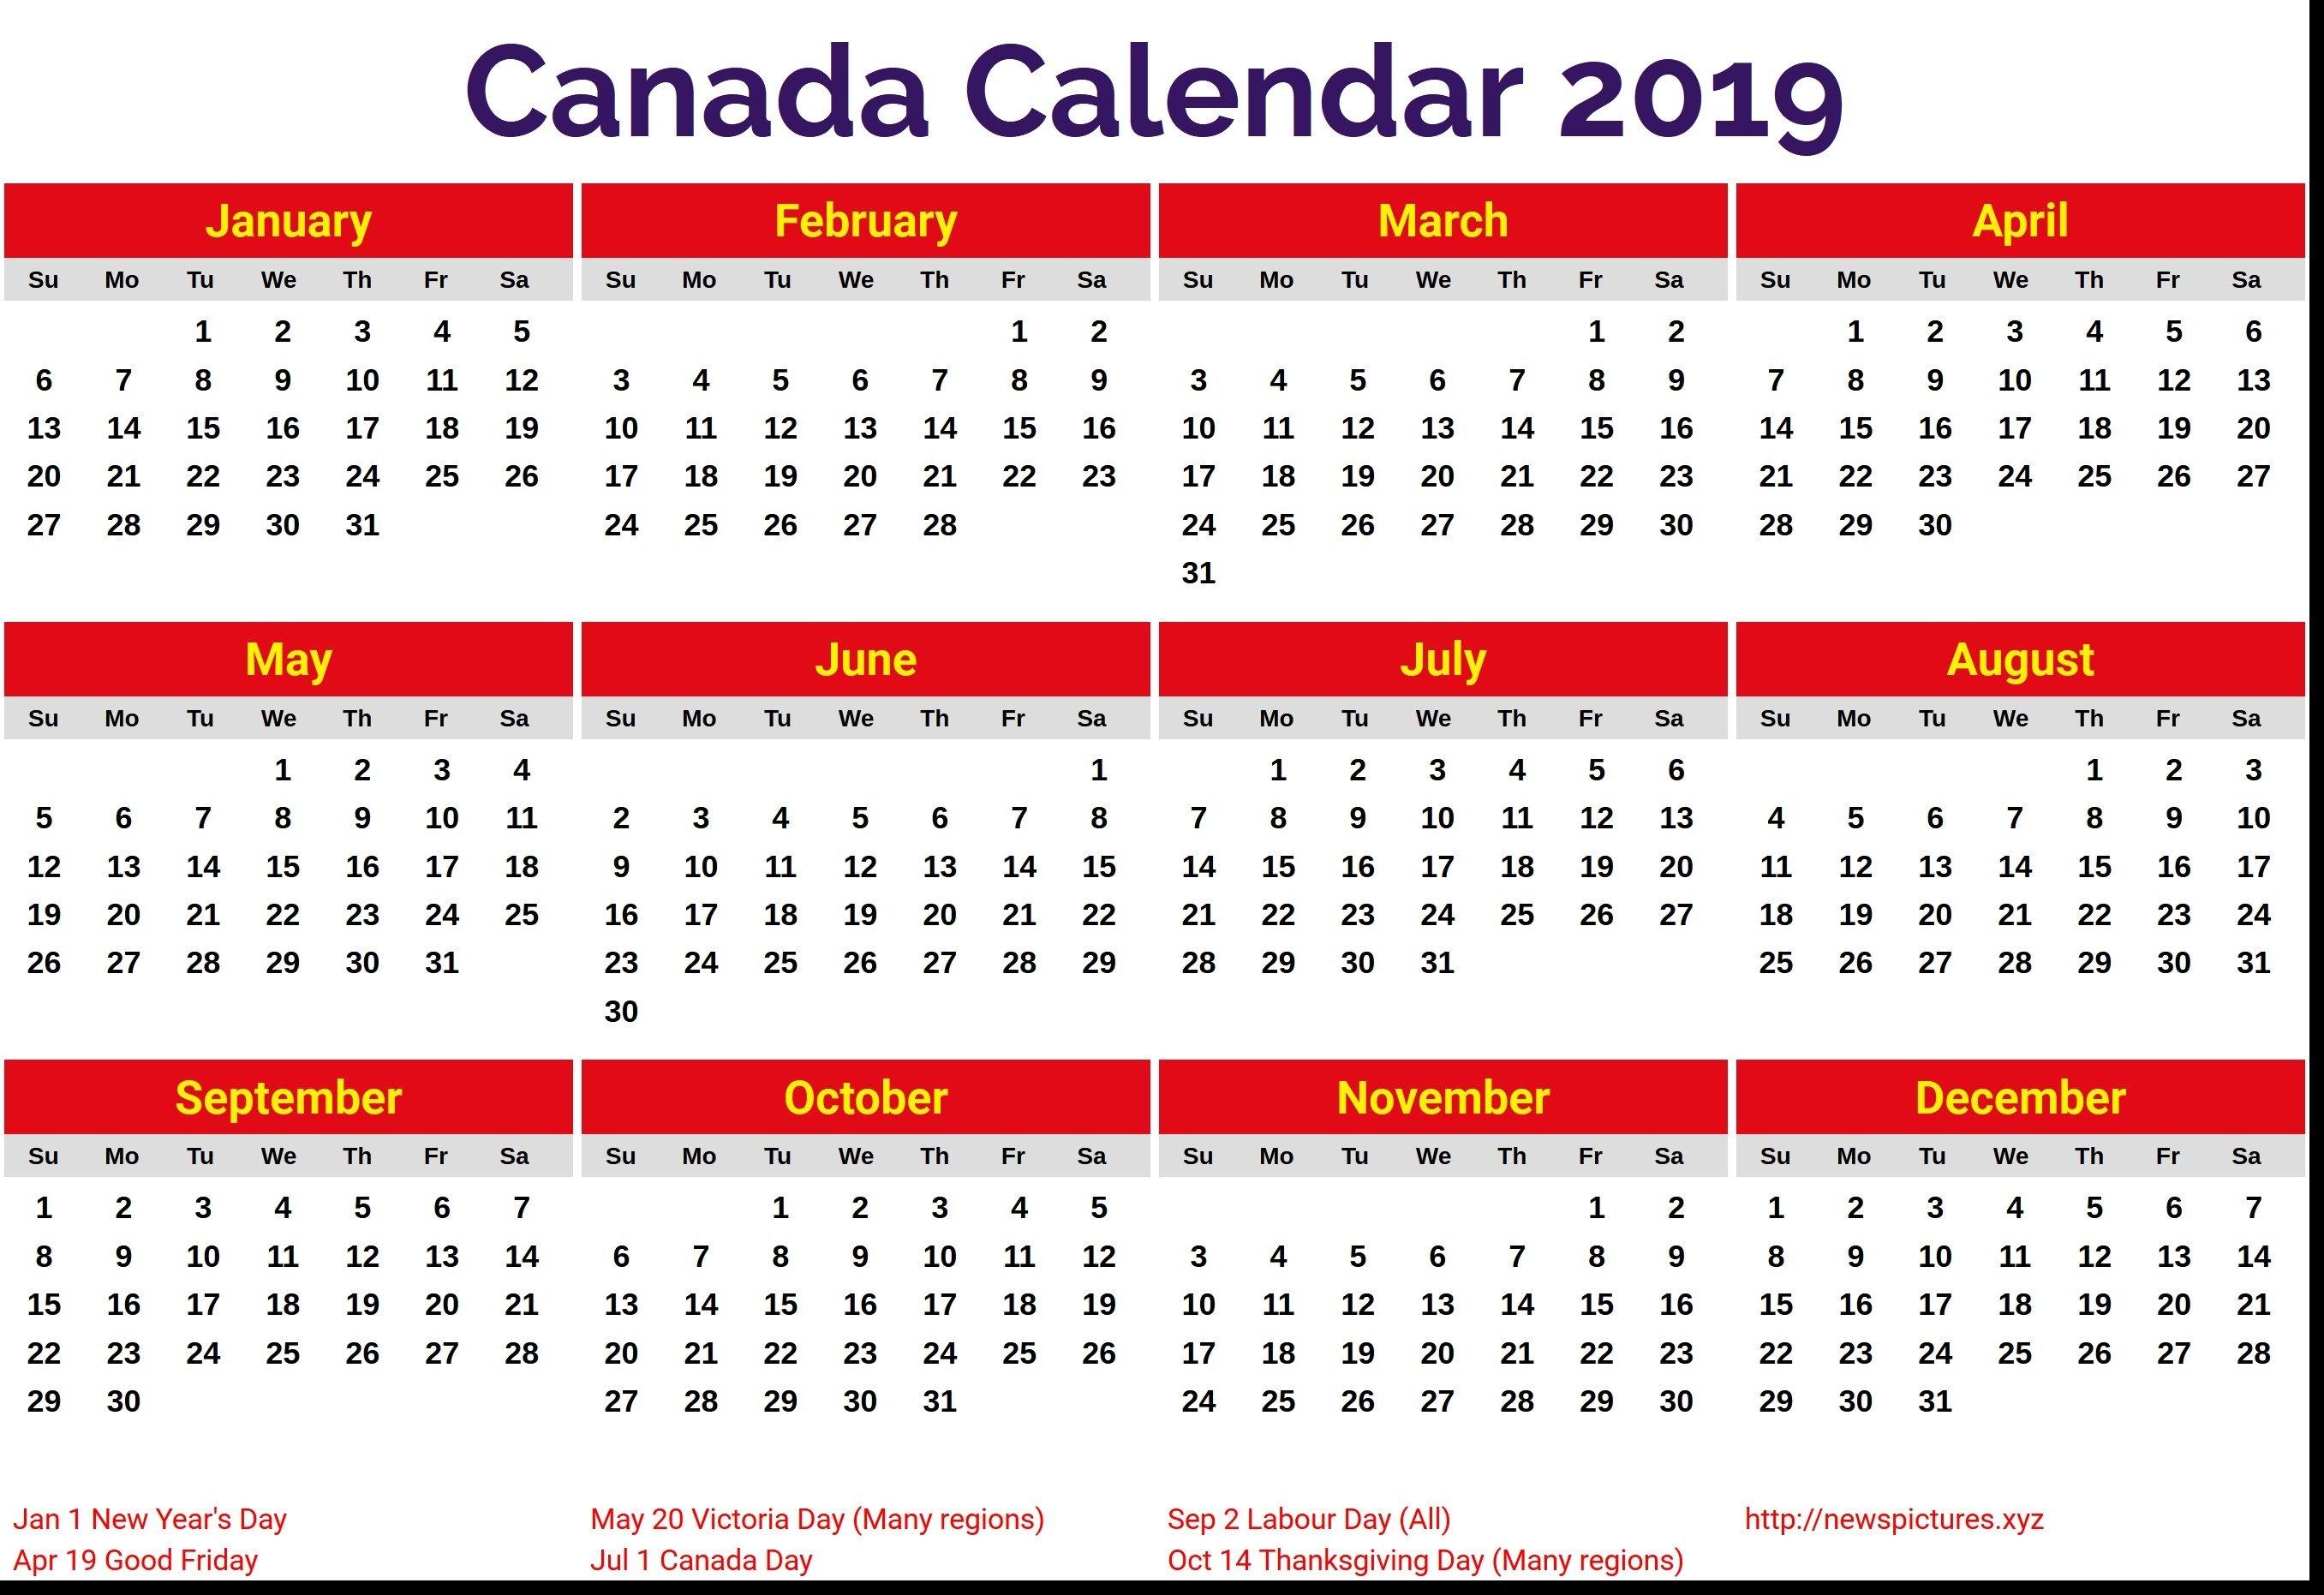 Calendar For Year 2019 Canada - Littledelhisf Calendar Year 2019 Canada